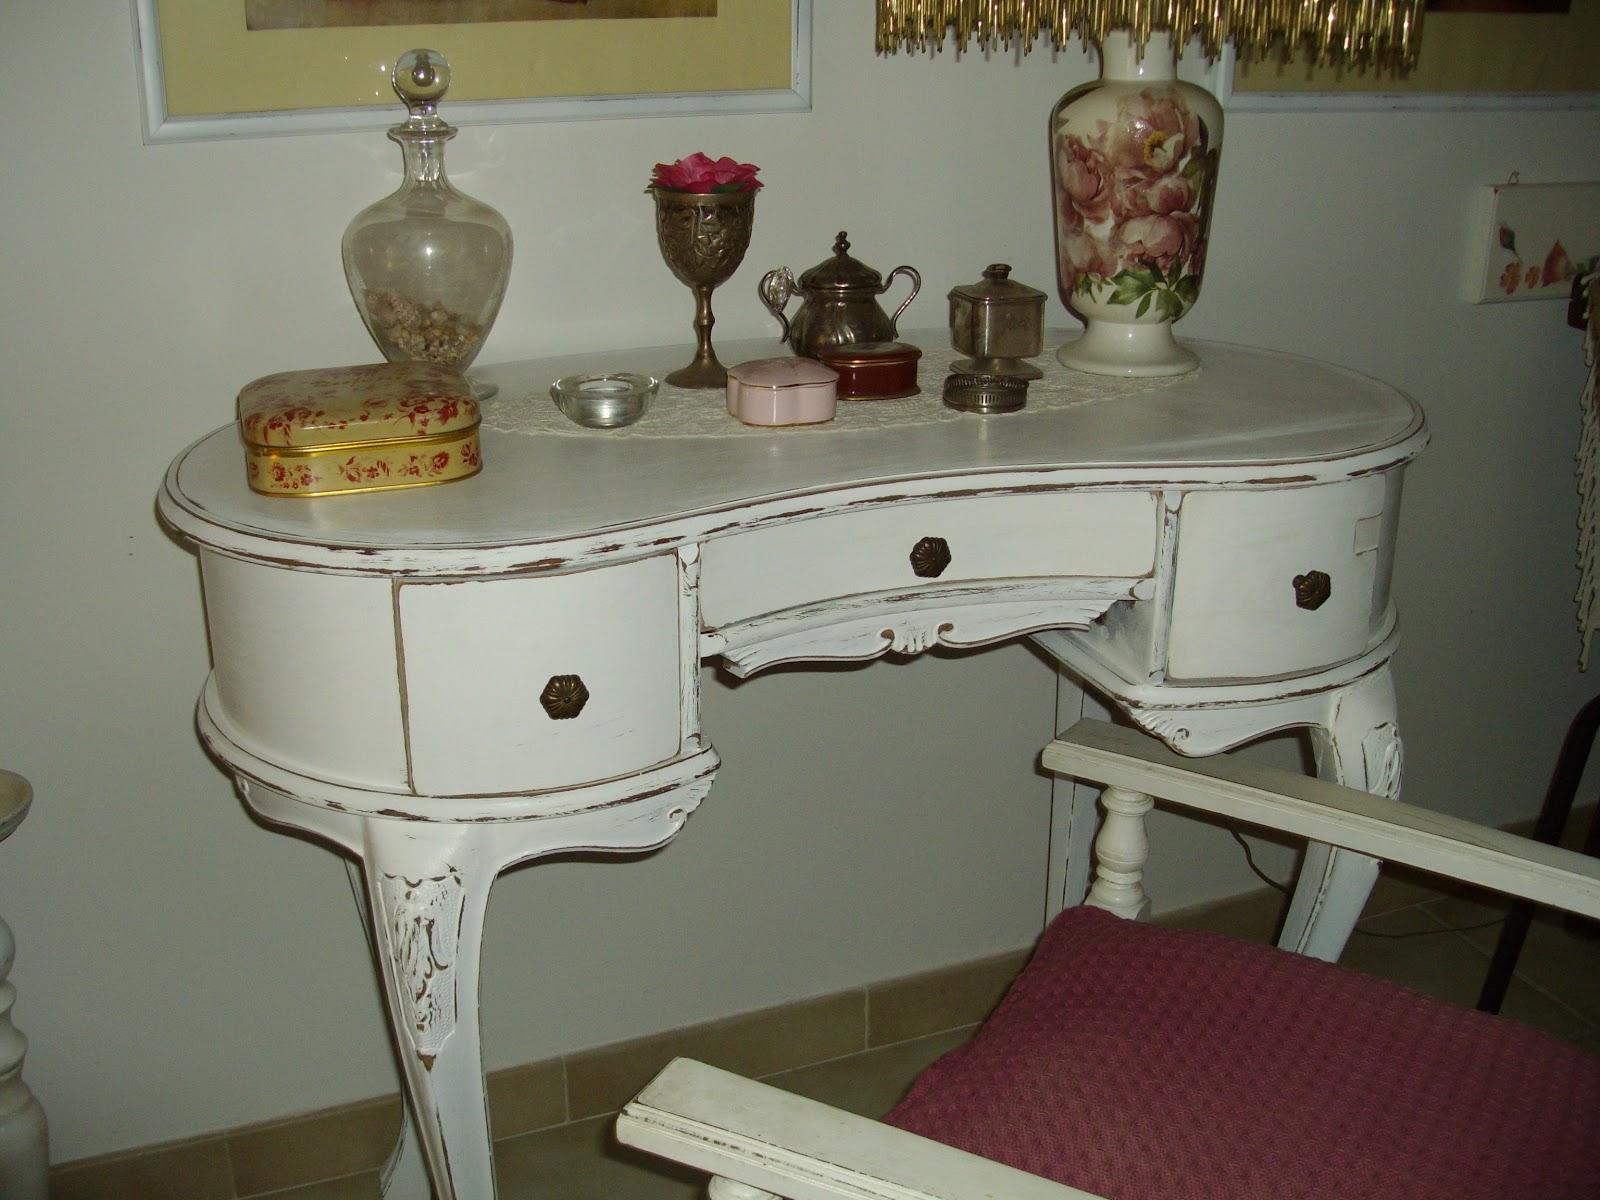 Re chic le dressing table shabby chic toletta da camera o scrittoio - Toletta da camera ...